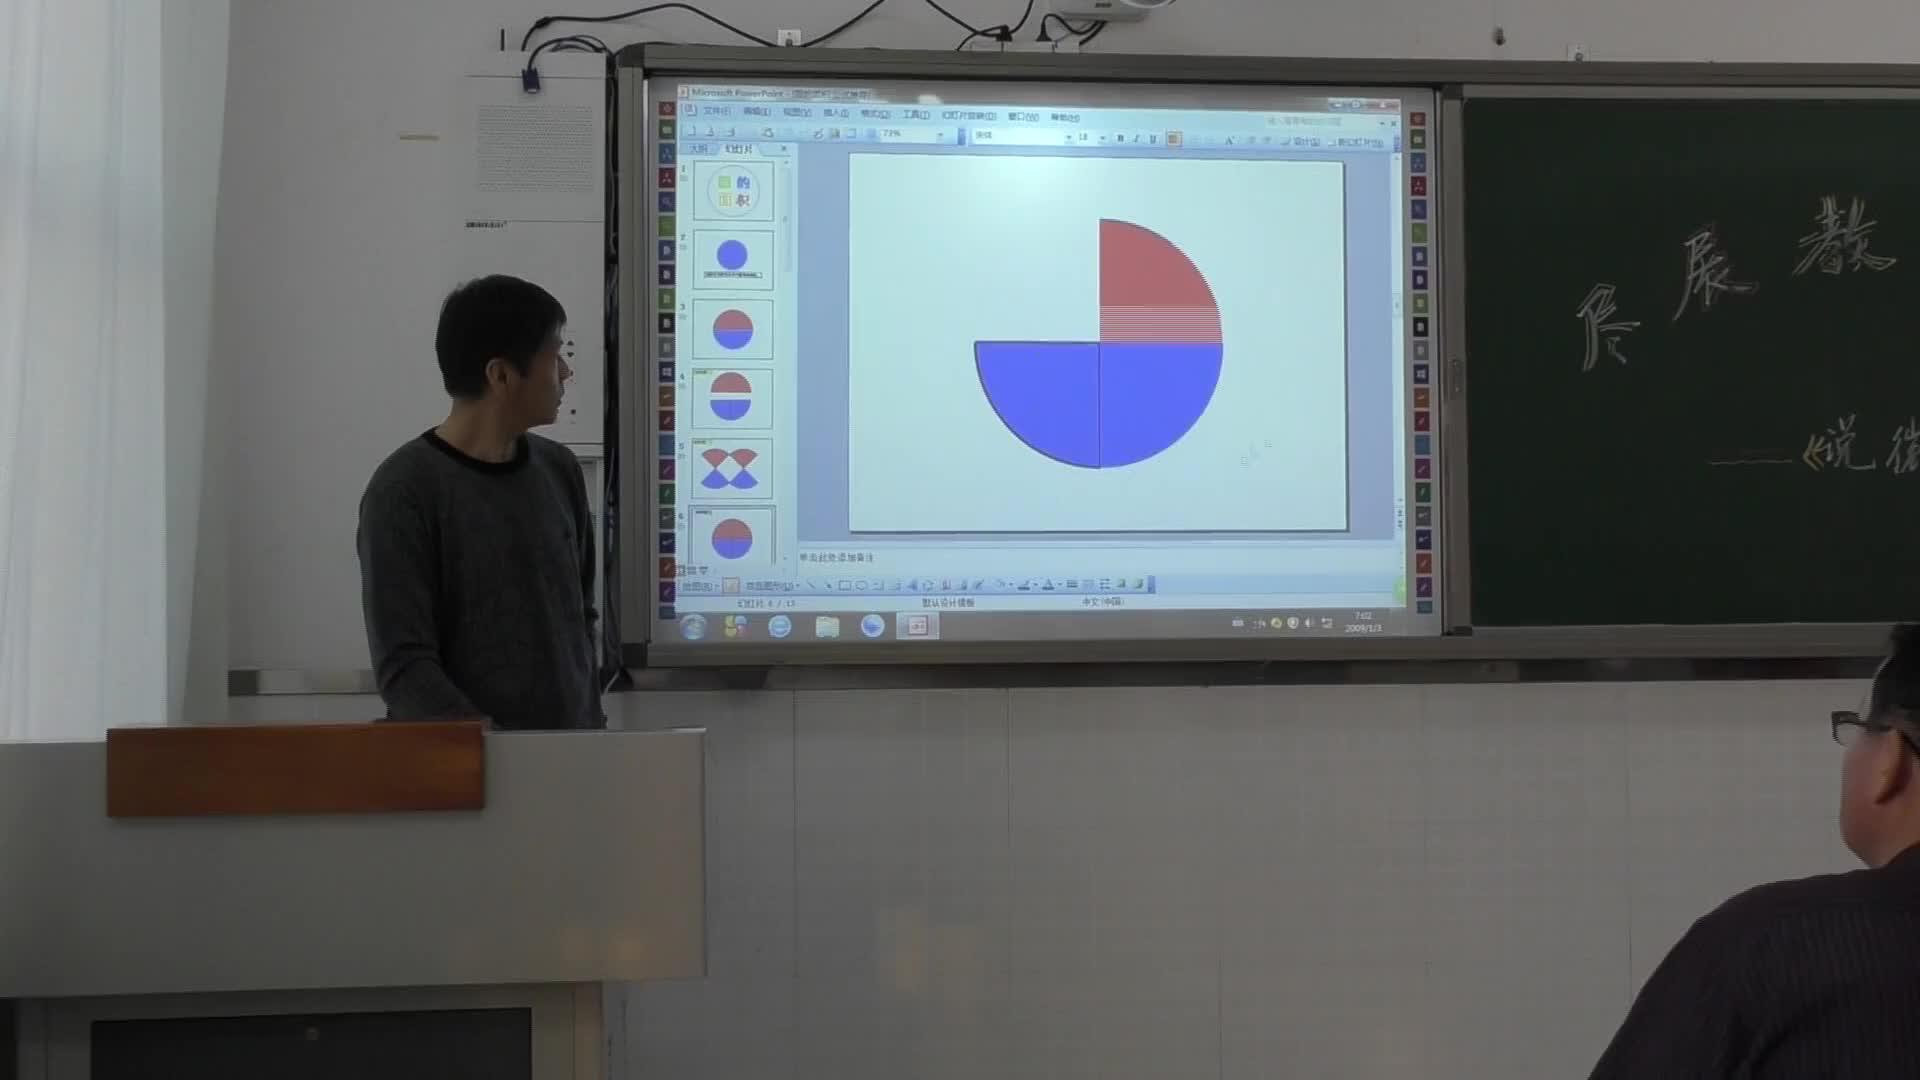 人教版 七年级数学上册 圆的面积-视频说课 人教版 七年级数学上册 圆的面积-视频说课 人教版 七年级数学上册 圆的面积-视频说课 [来自e网通客户端]